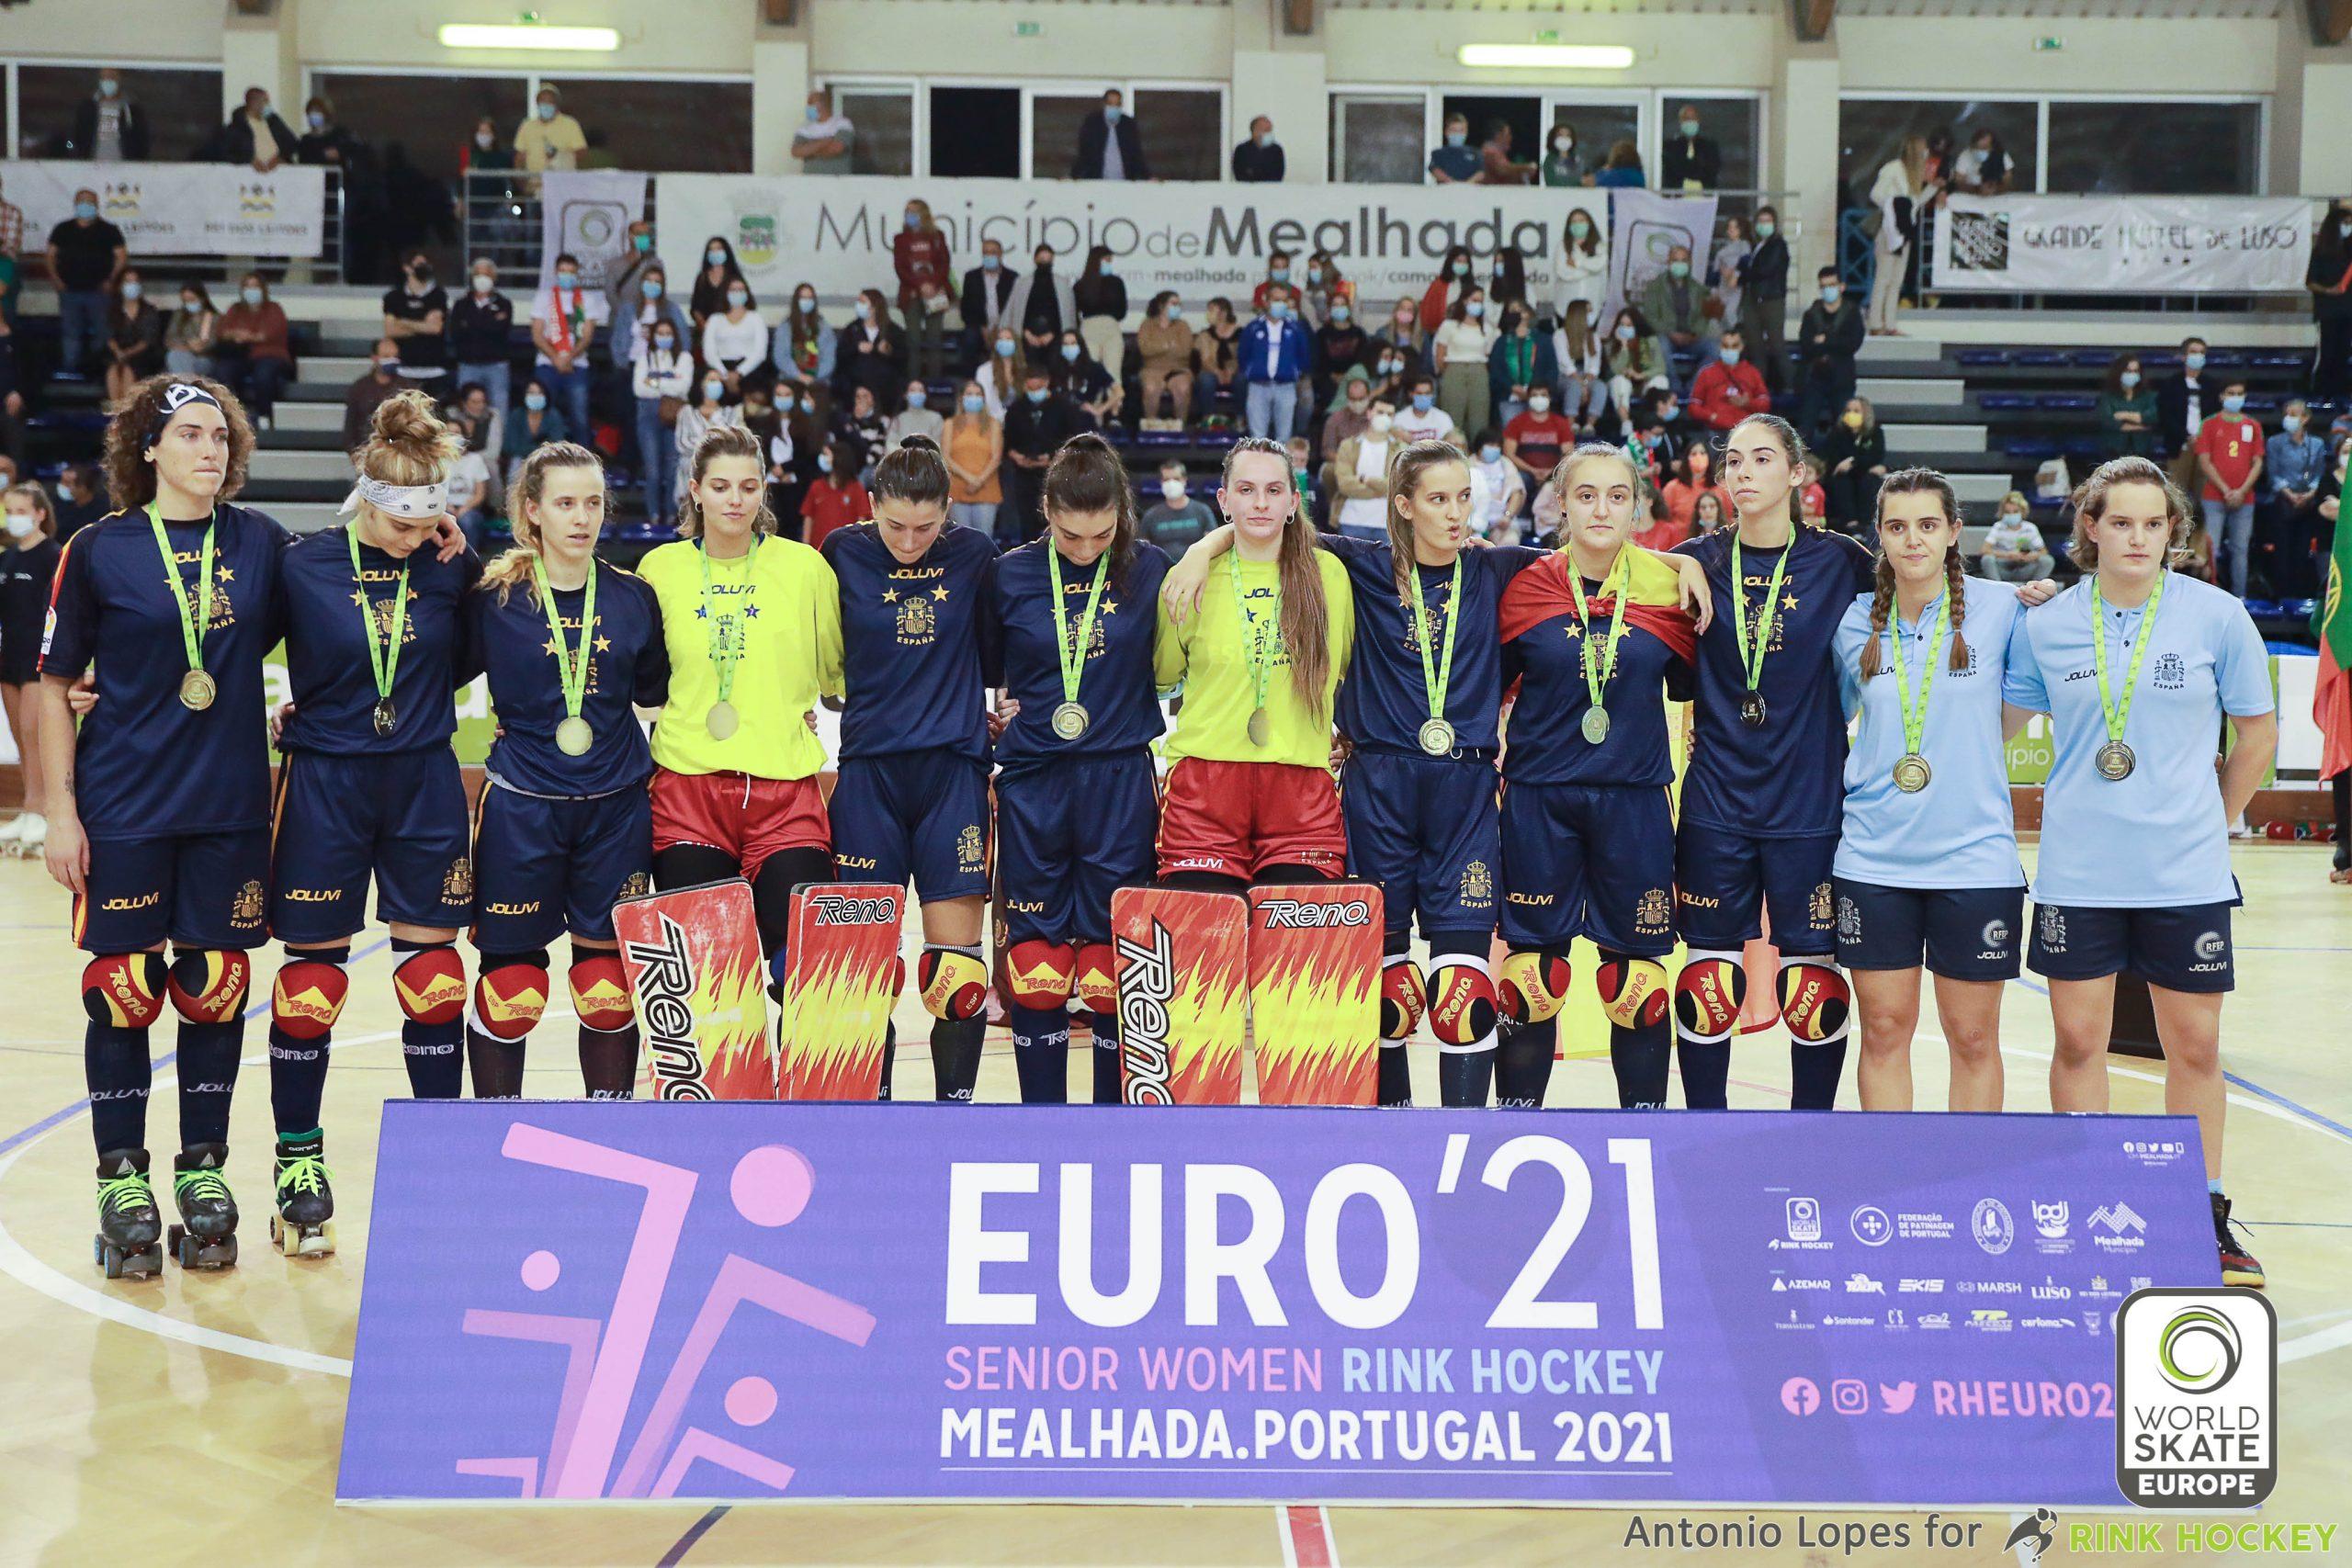 PHOTOS - 16-10-2021 - EUROFEMALE 2021 - Closing Ceremony